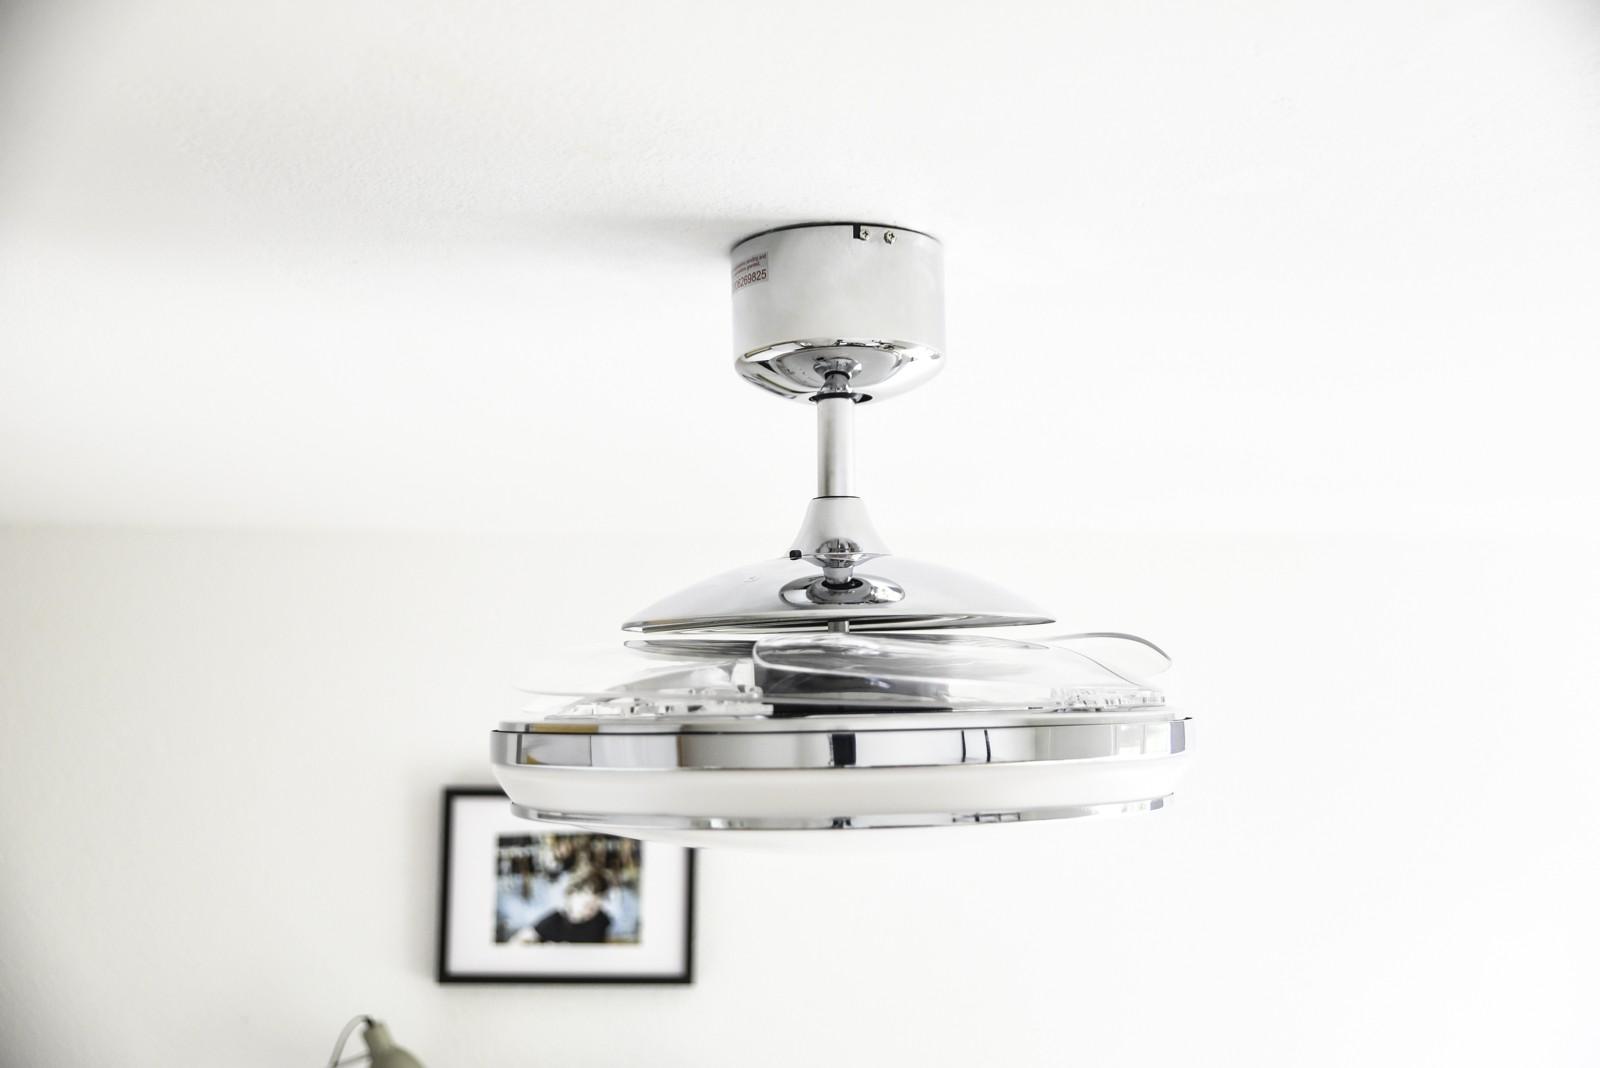 Fanaway ceiling fans